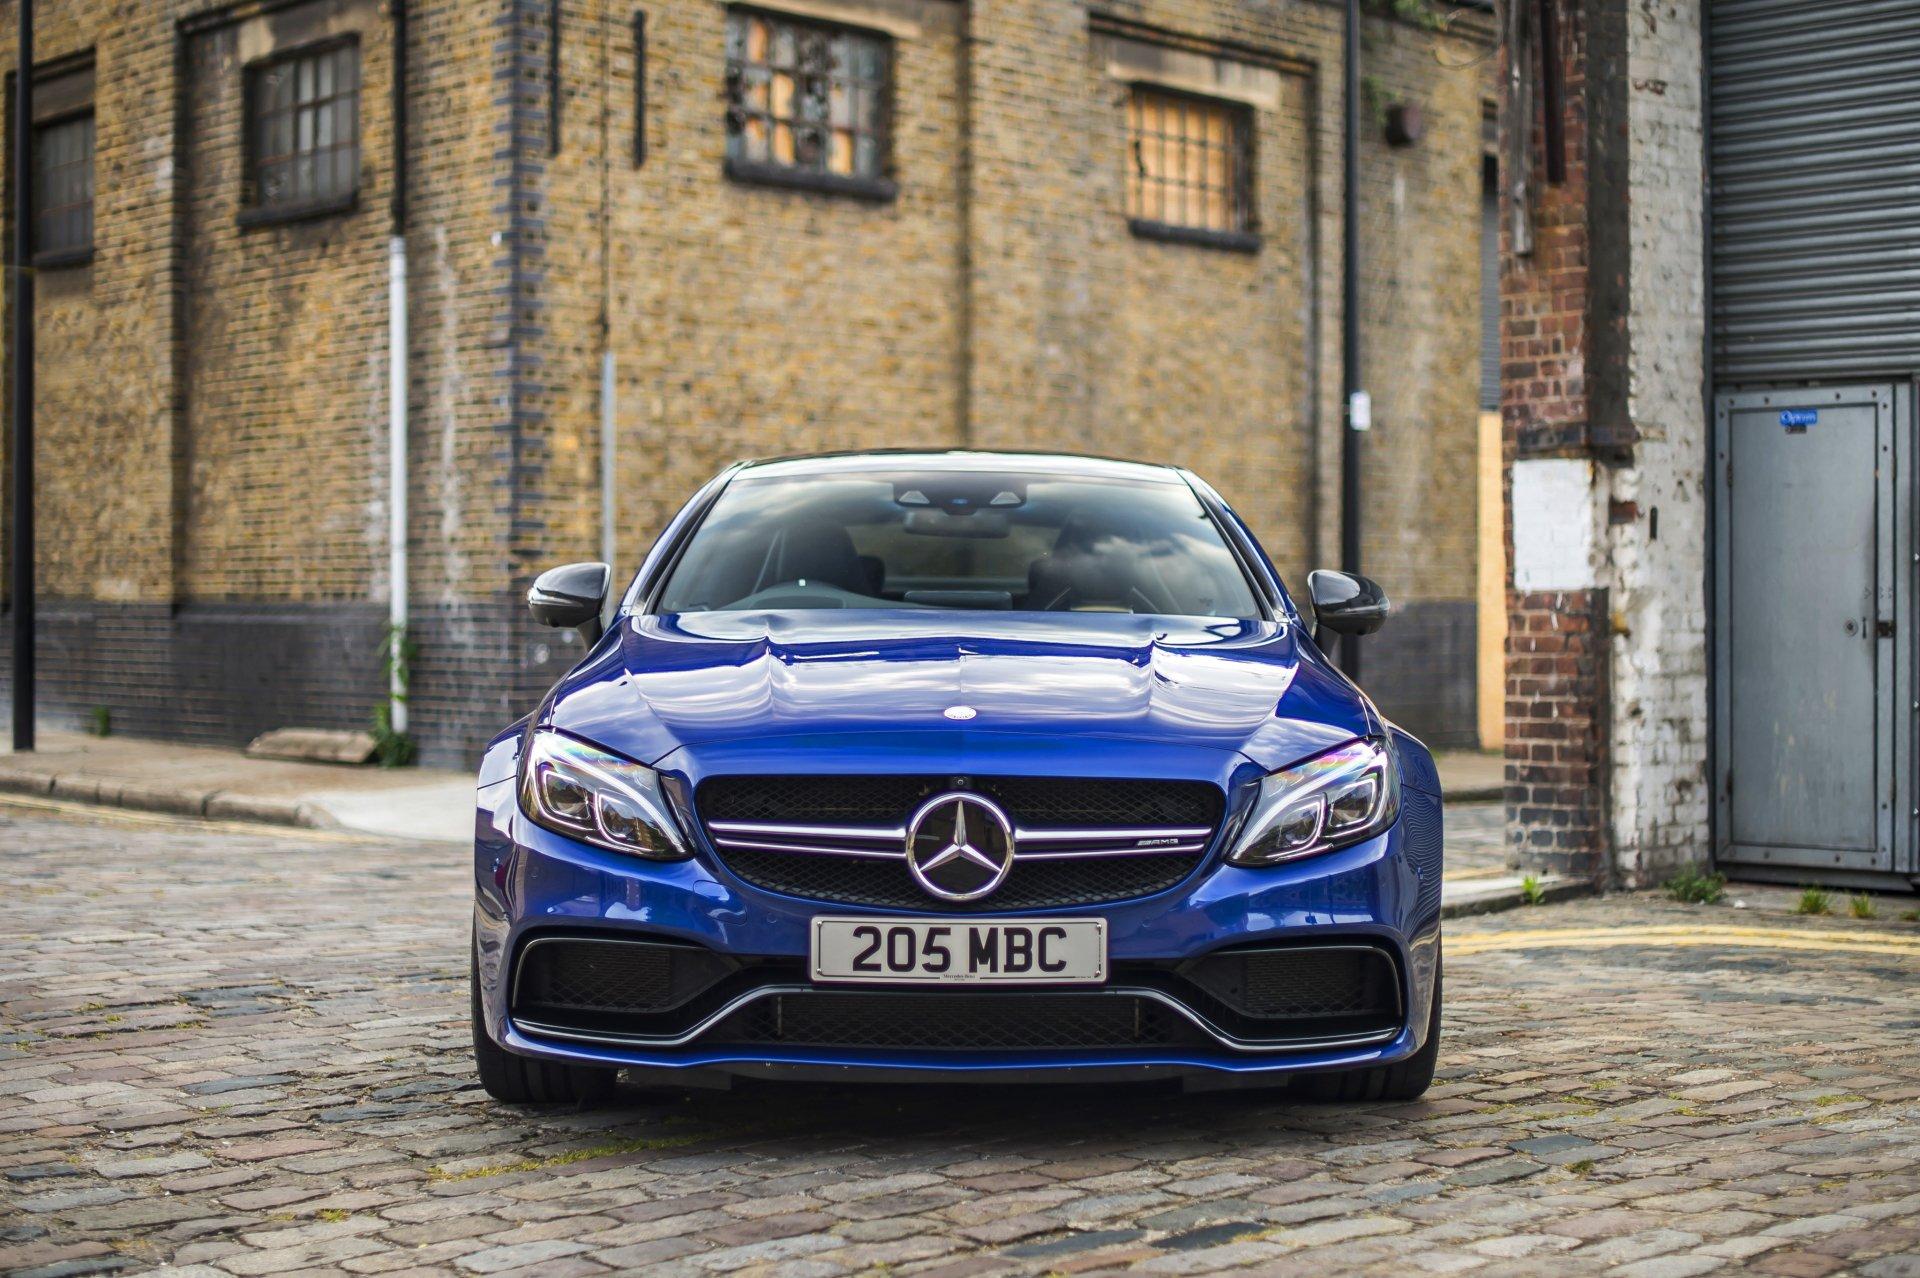 座驾 - Mercedes-Benz C-Class  梅赛德斯-奔驰 汽车 交通工具 Blue Car Luxury Car 壁纸